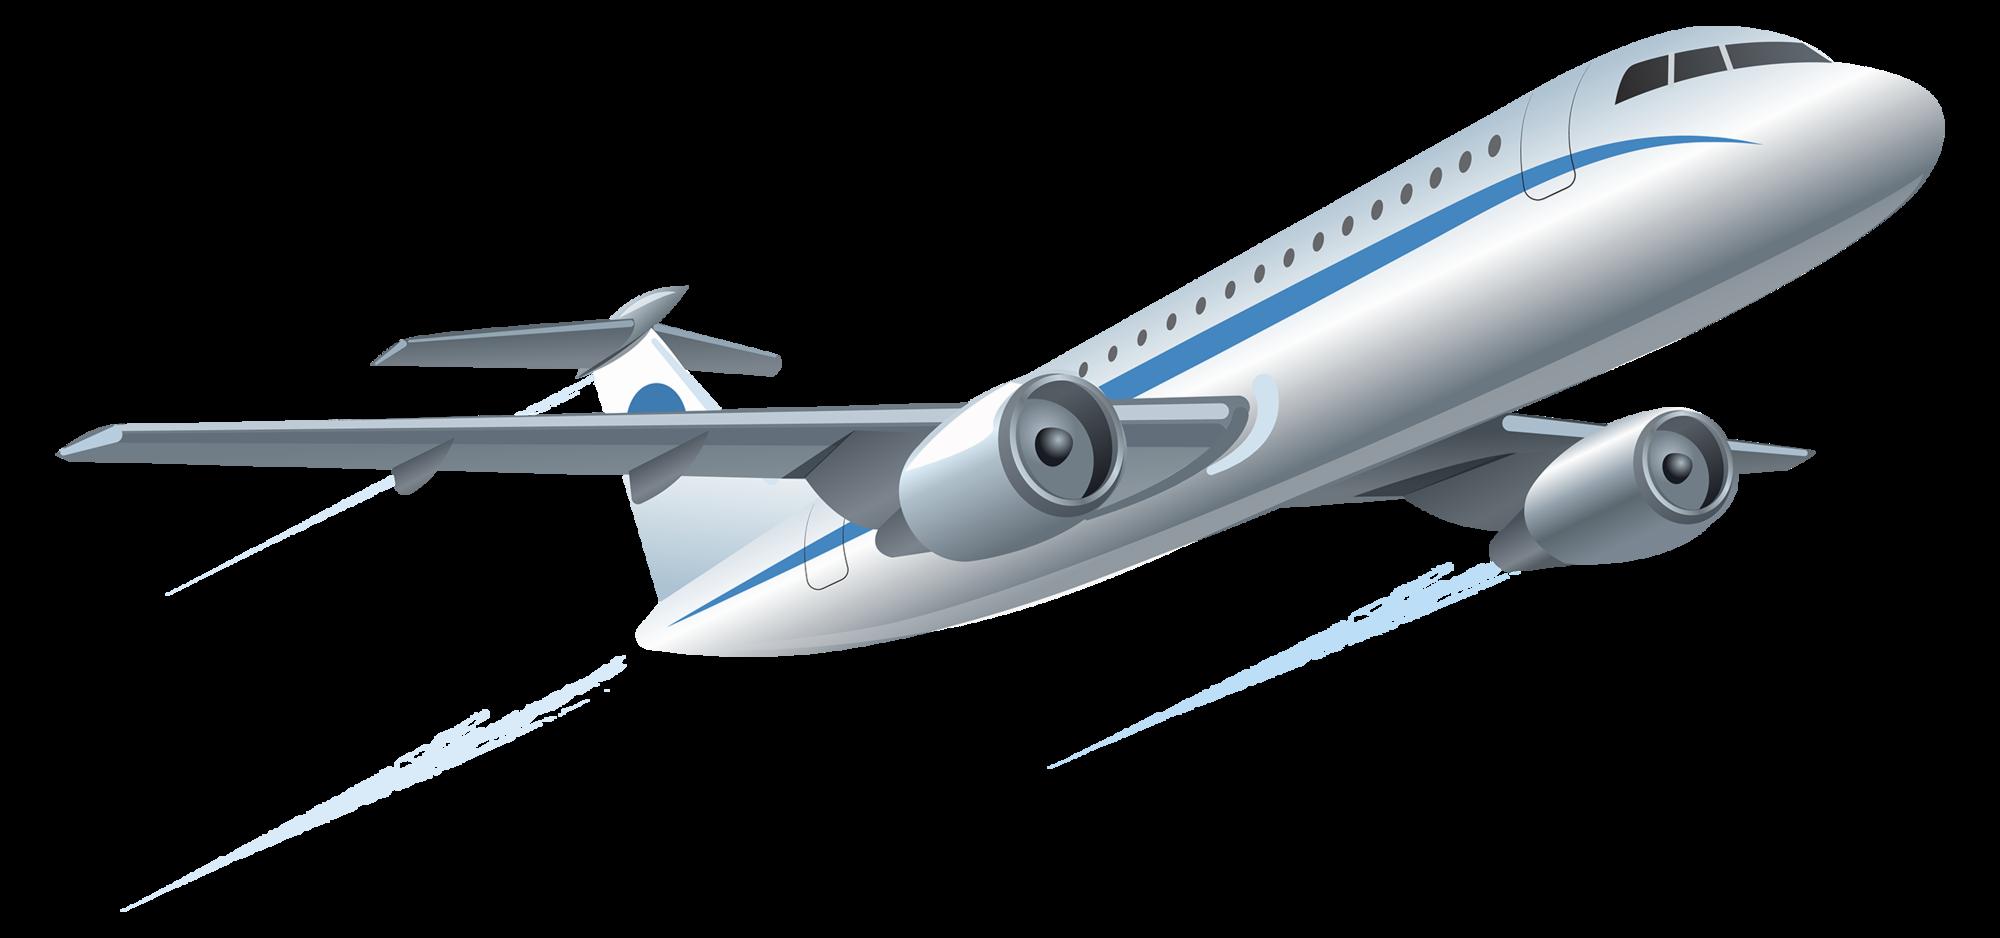 Фрахт самолета в Узбекистане: приумножьте ваши достижения